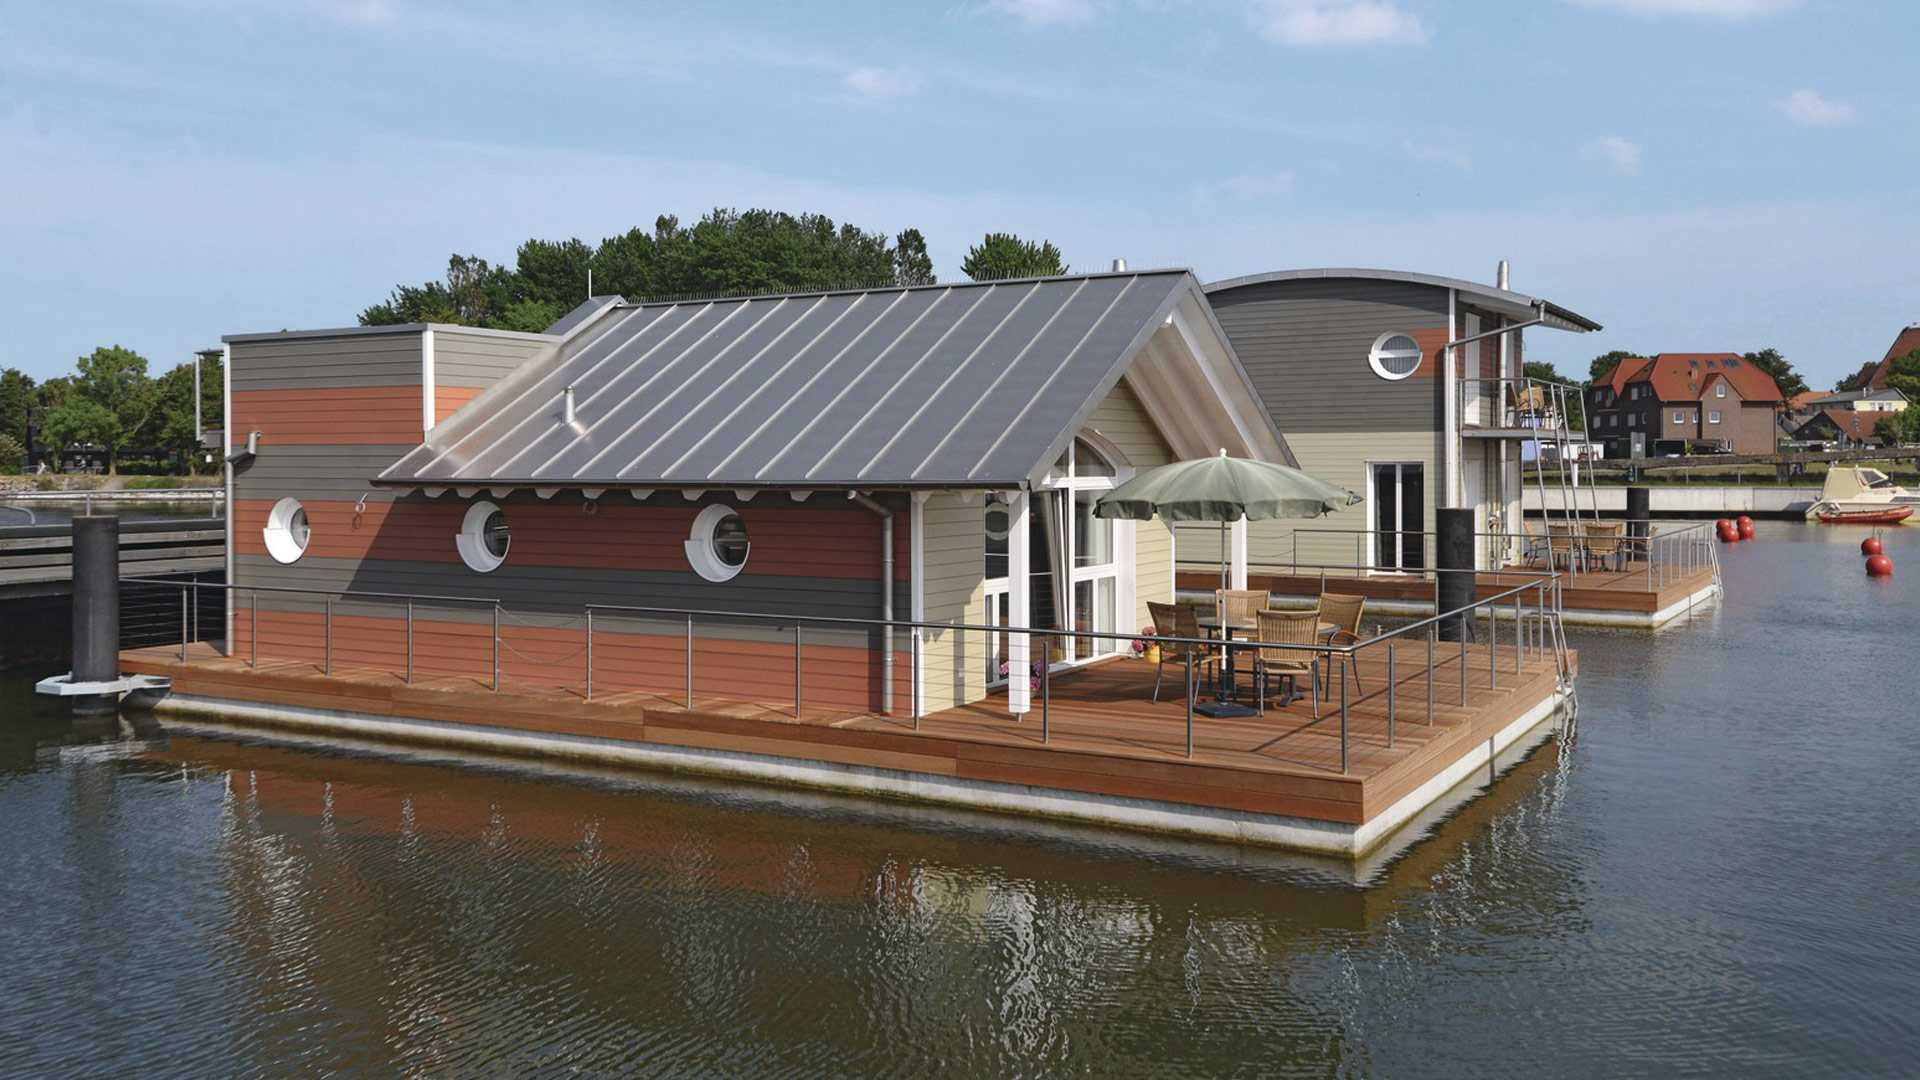 Wochenendhaus Bauen ferienhaus bauen - hausbeispiele mit preisen und grundrissen + anbieter